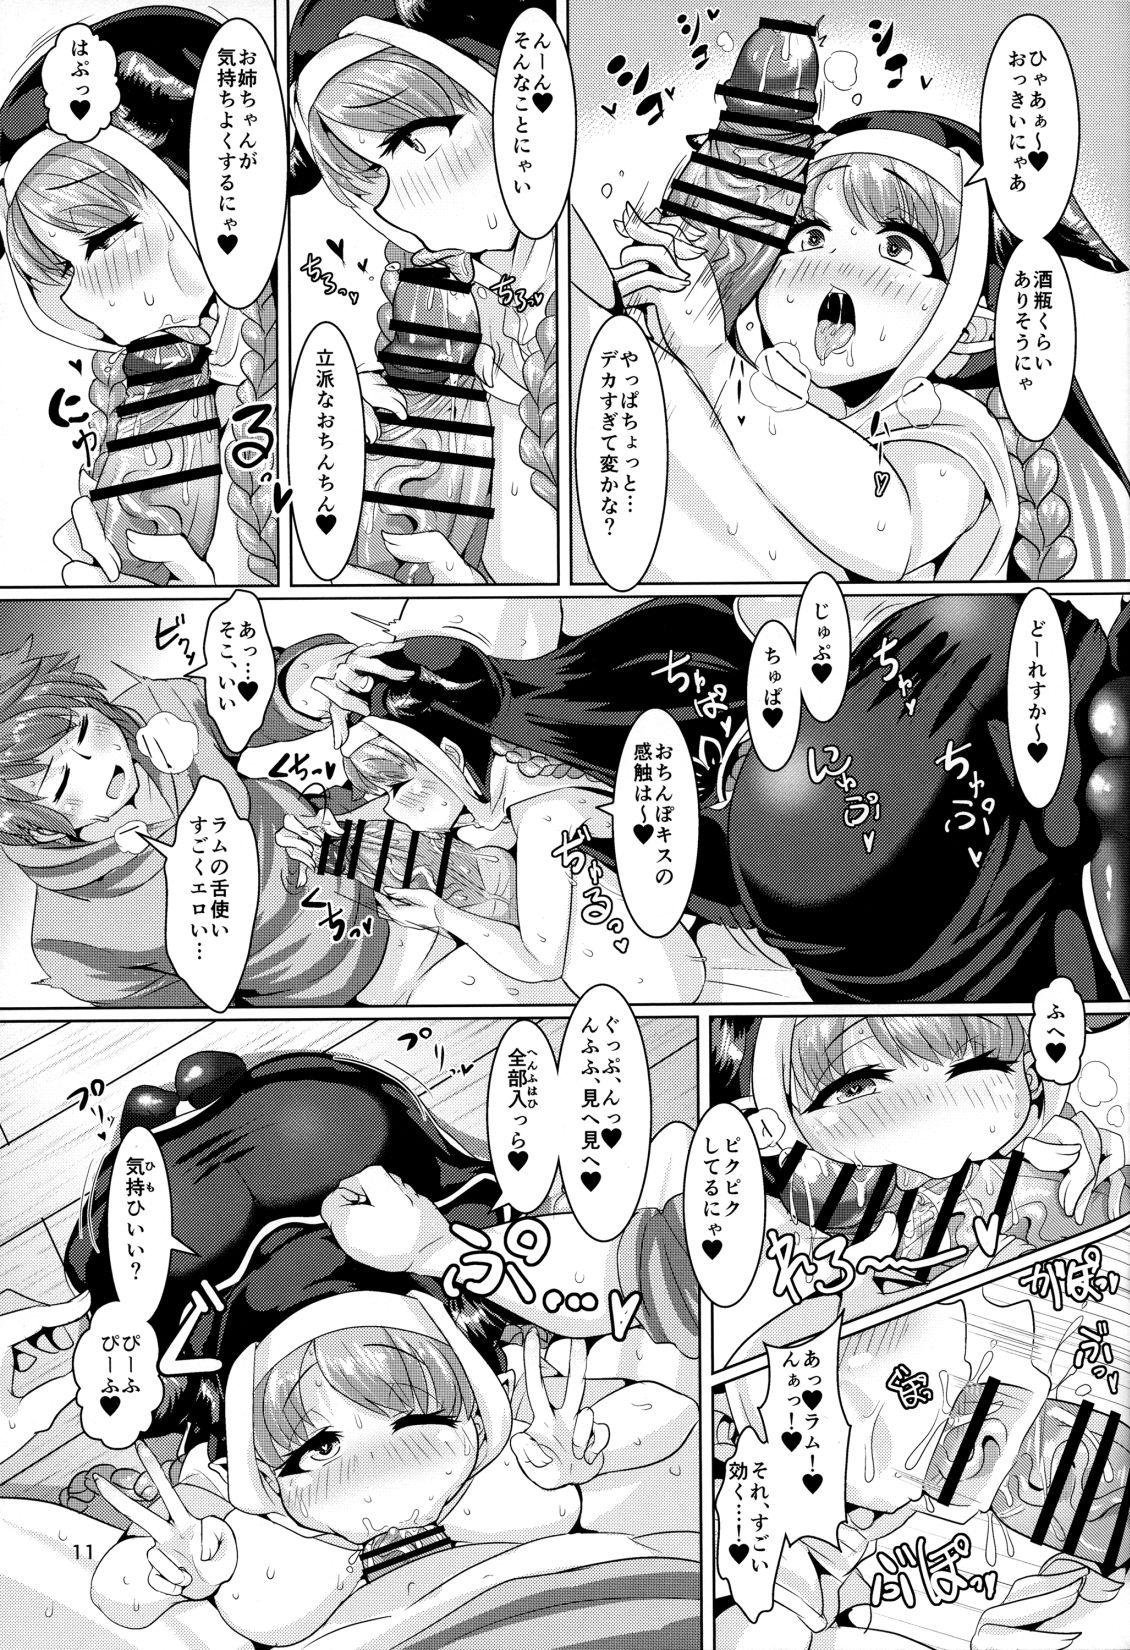 吞んだくれのラムレッダを安心させるためにグランが巨乳を吸って挟んで中出しセックスする話wwwwww【グラブル エロ漫画・エロ同人】 (12)